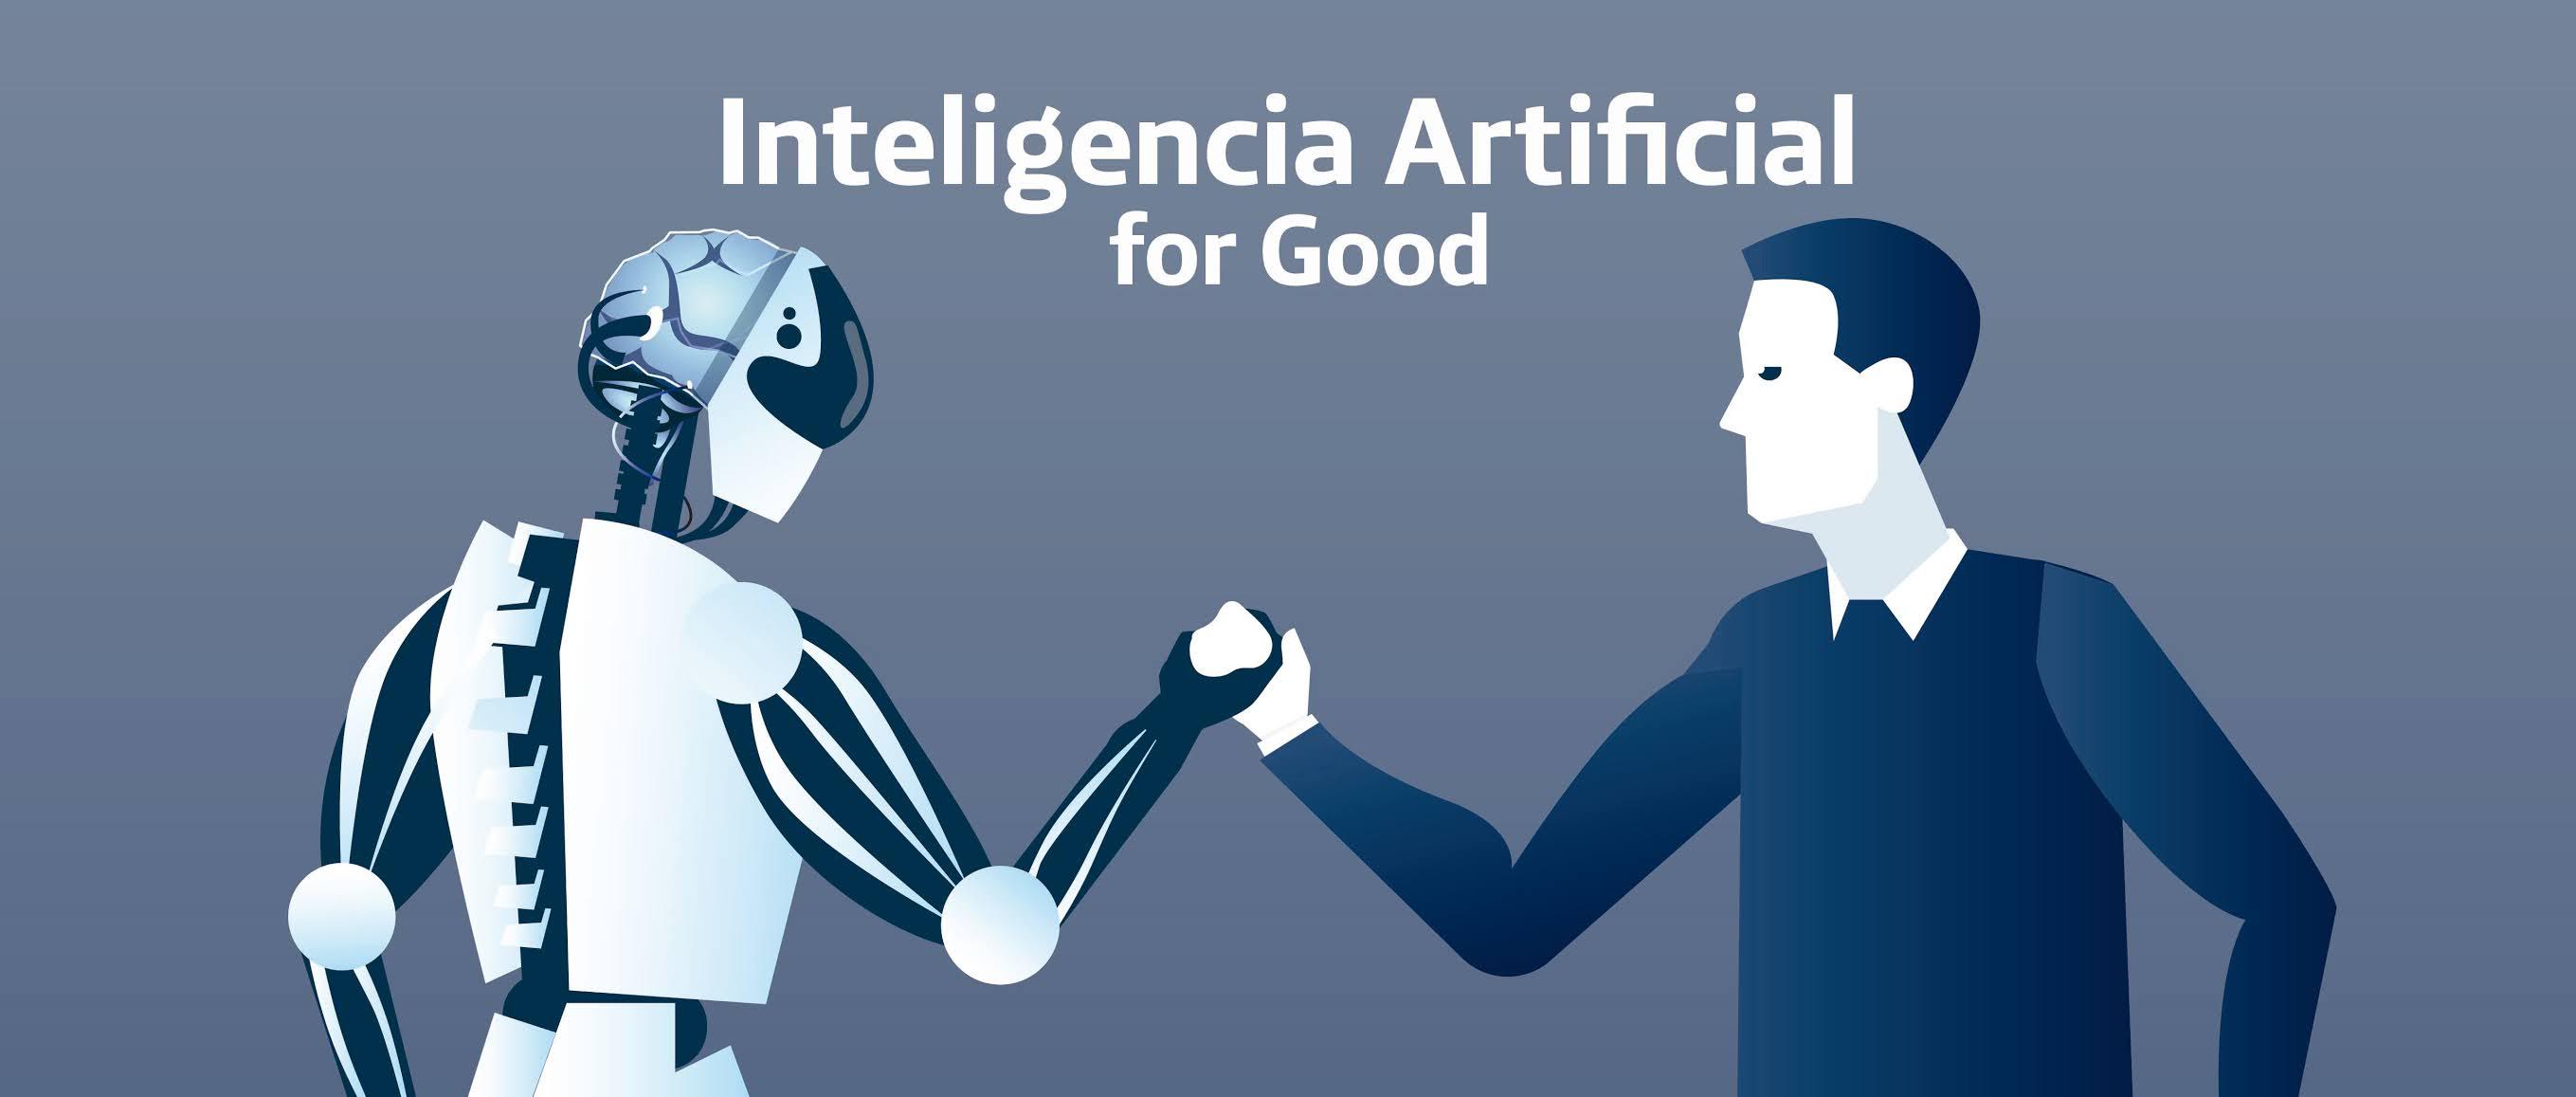 estas son las habilidades laborales del futuro que la IA y los Robots aún no pueden hacer mejor que los humanos